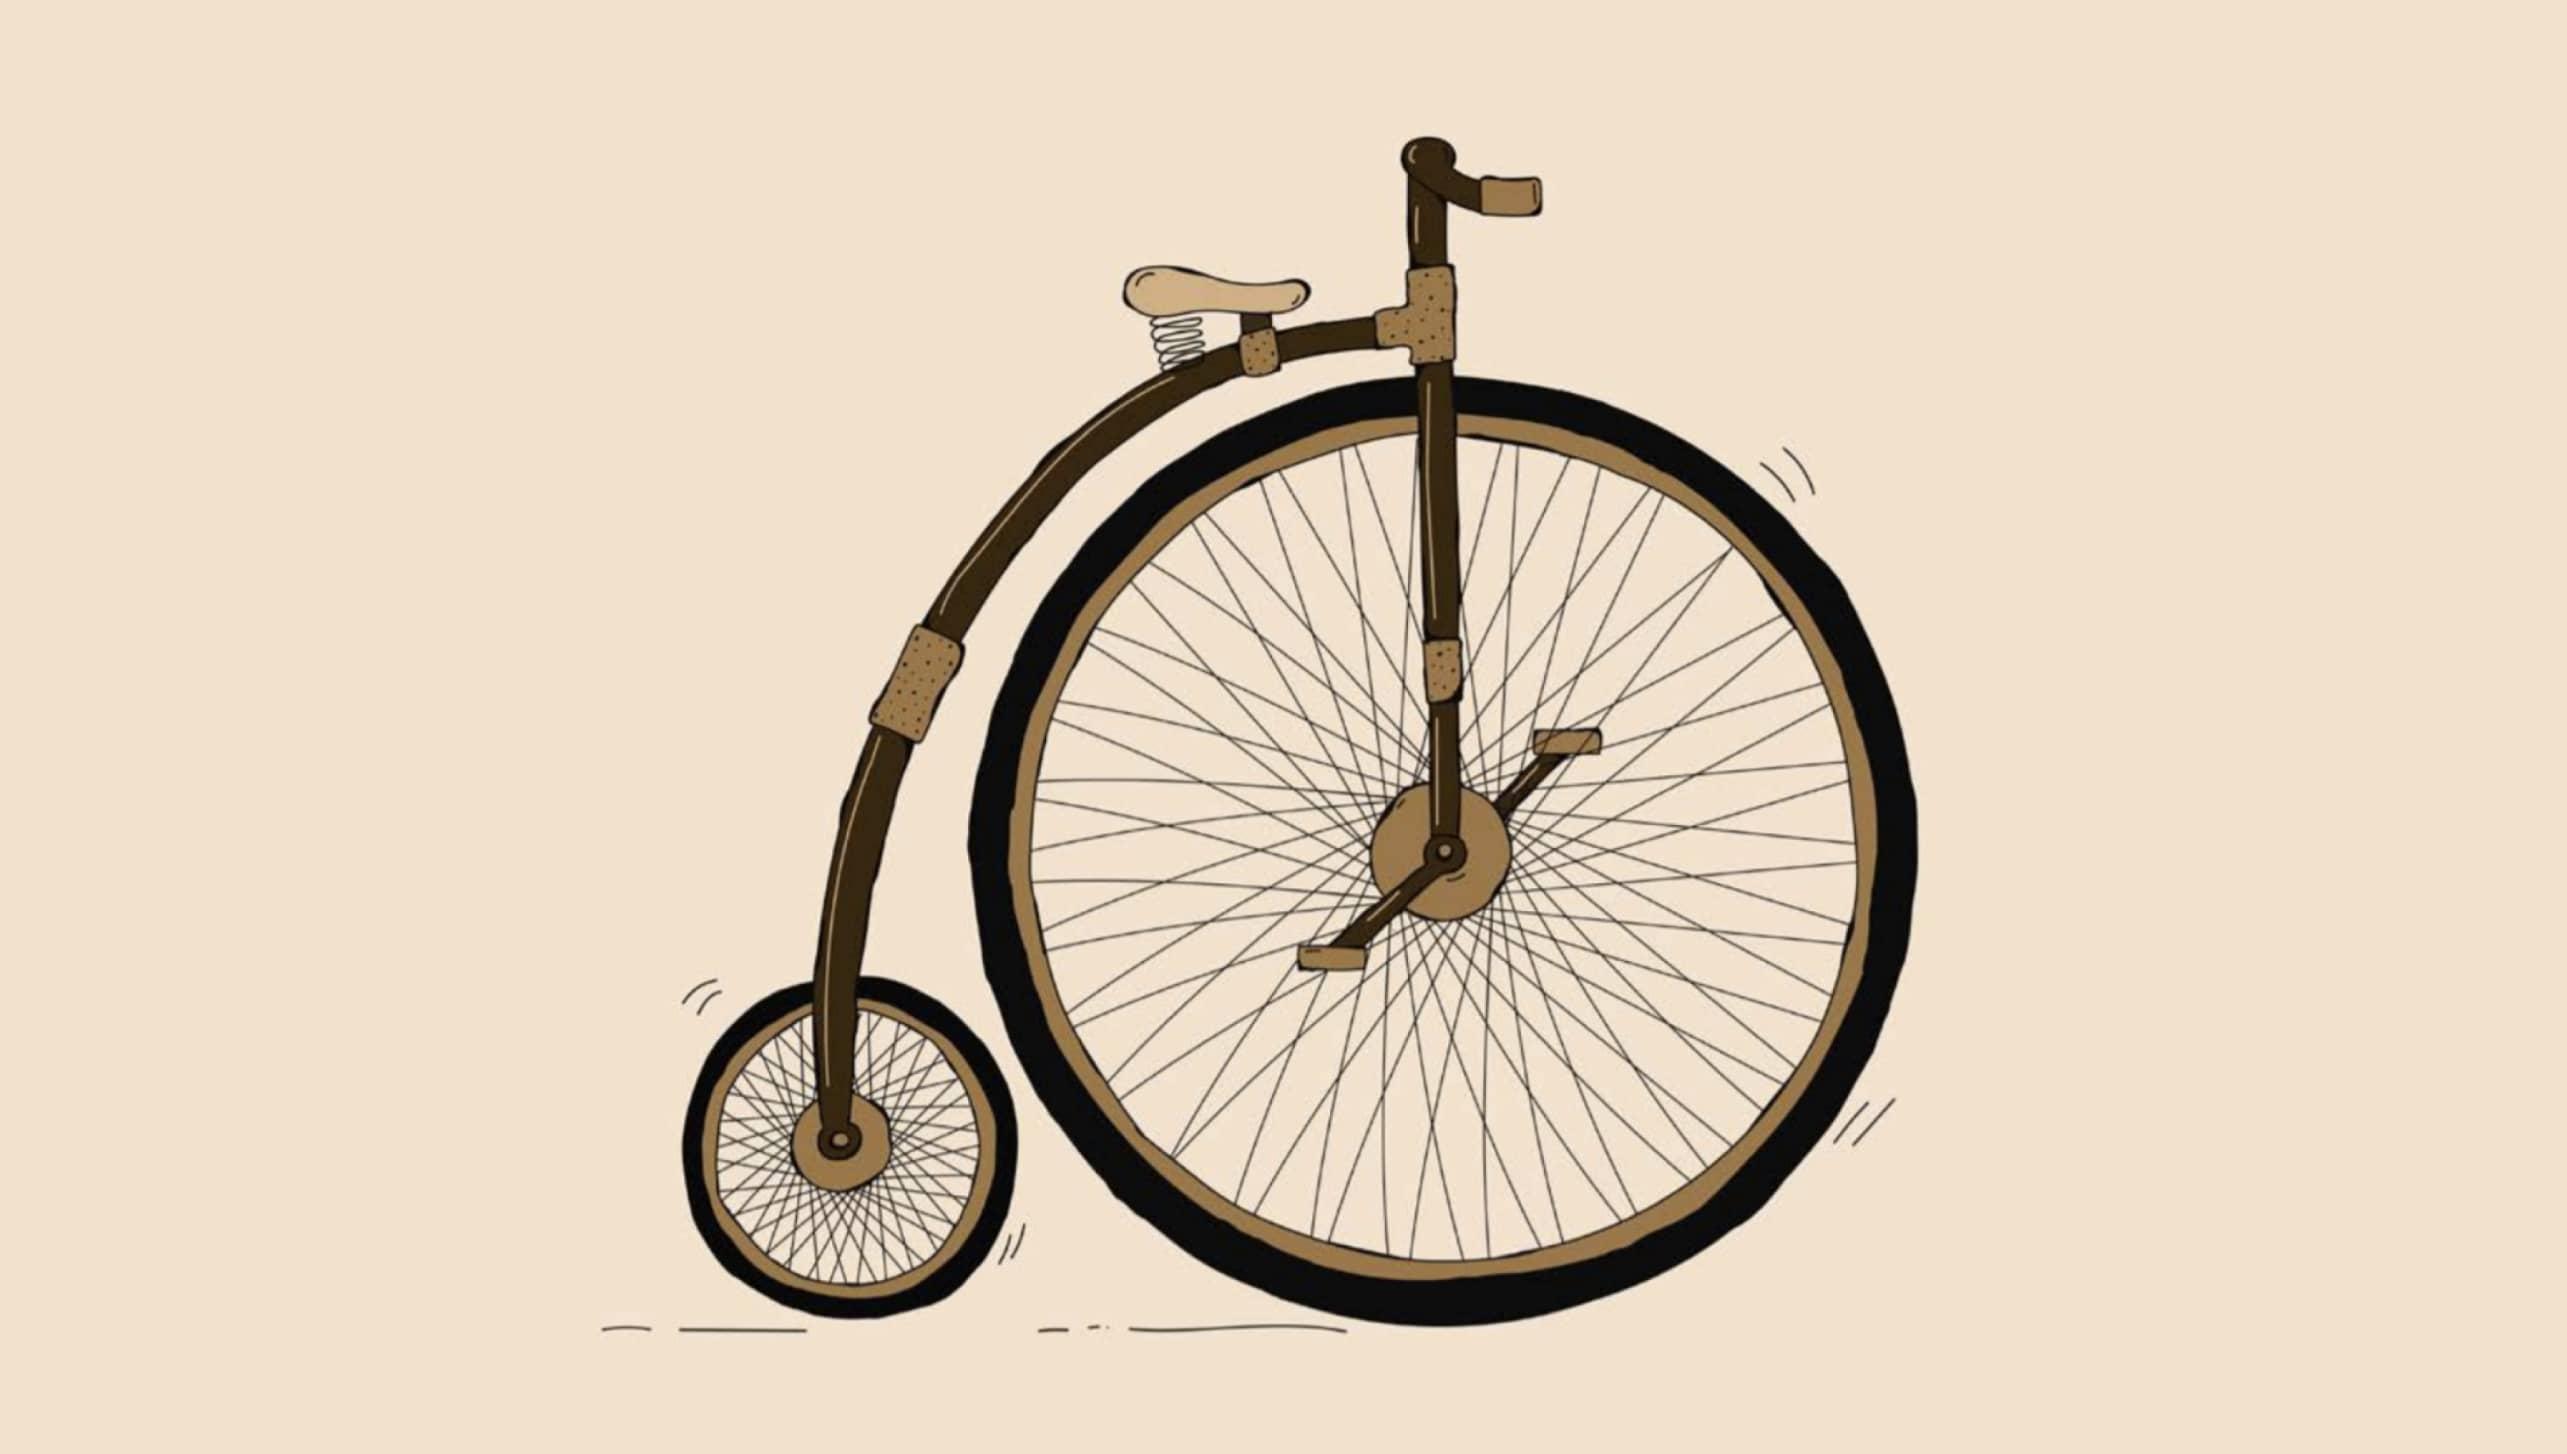 Illustratie van een oude fiets